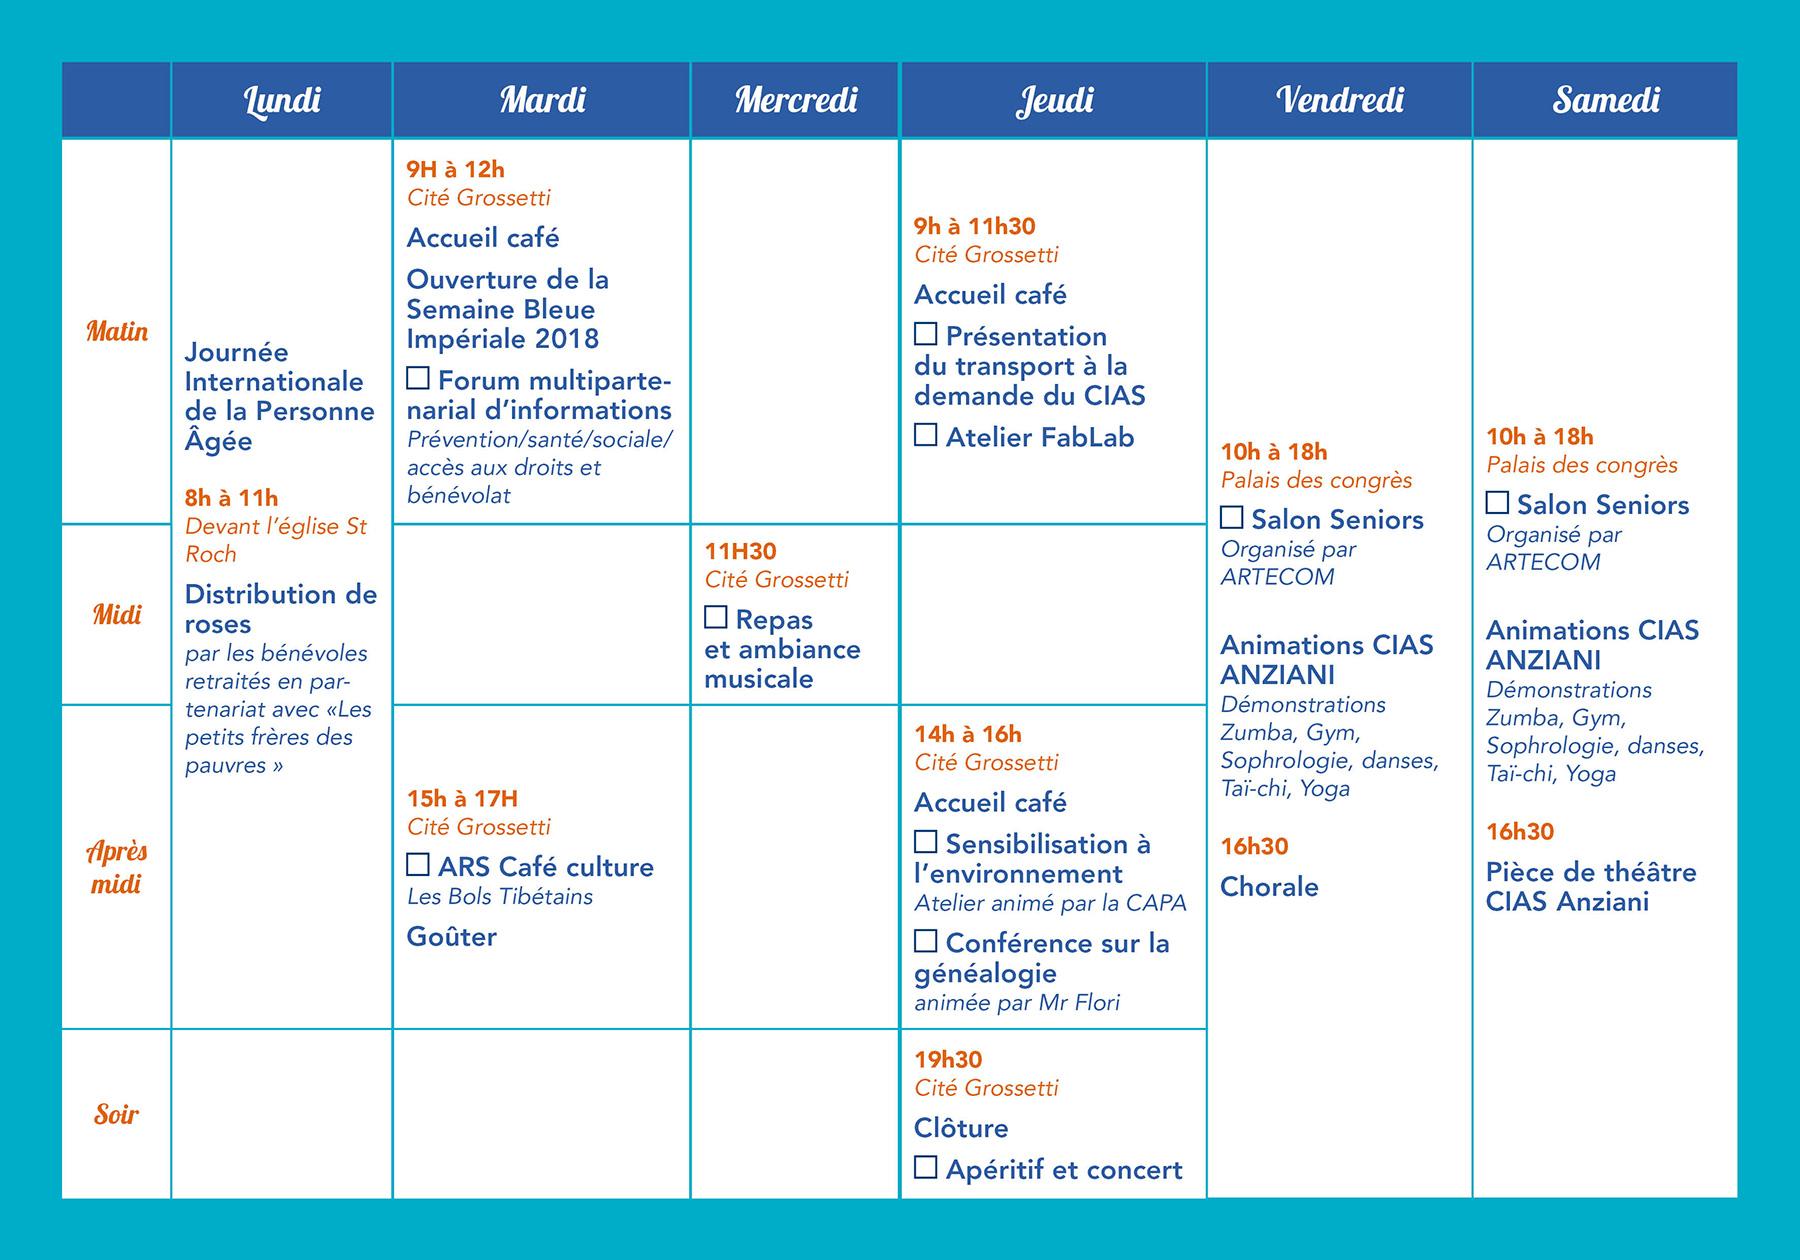 Programme semaine bleue impériale 2018